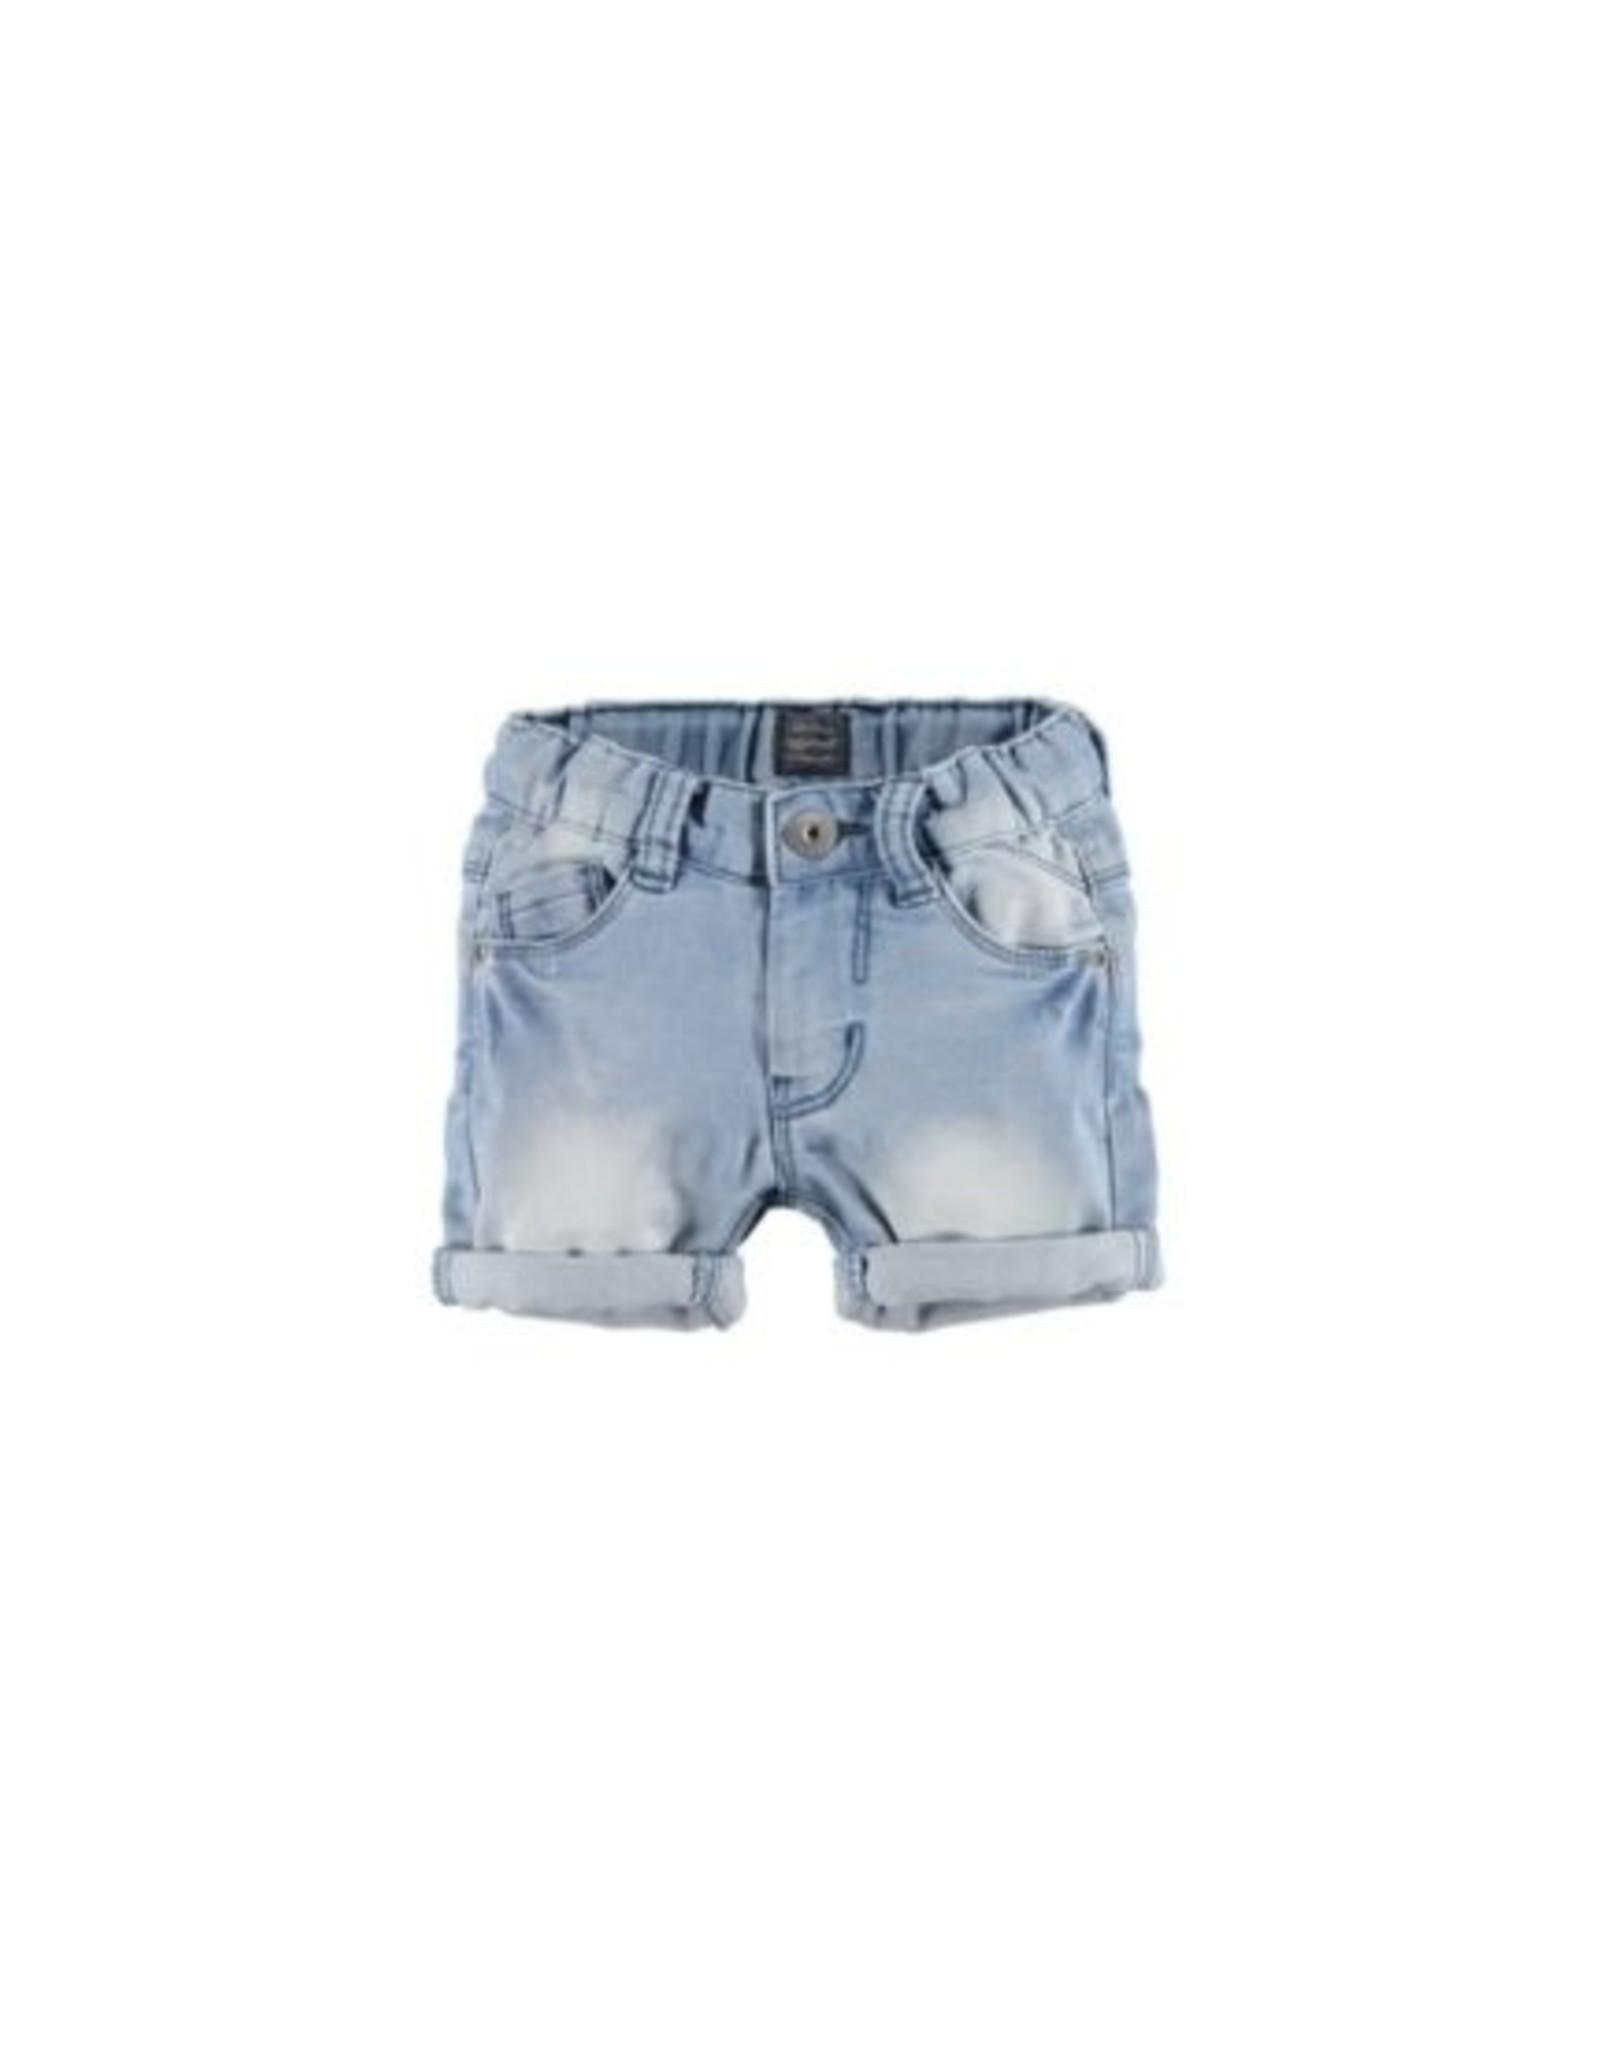 Babyface Boys jeans short